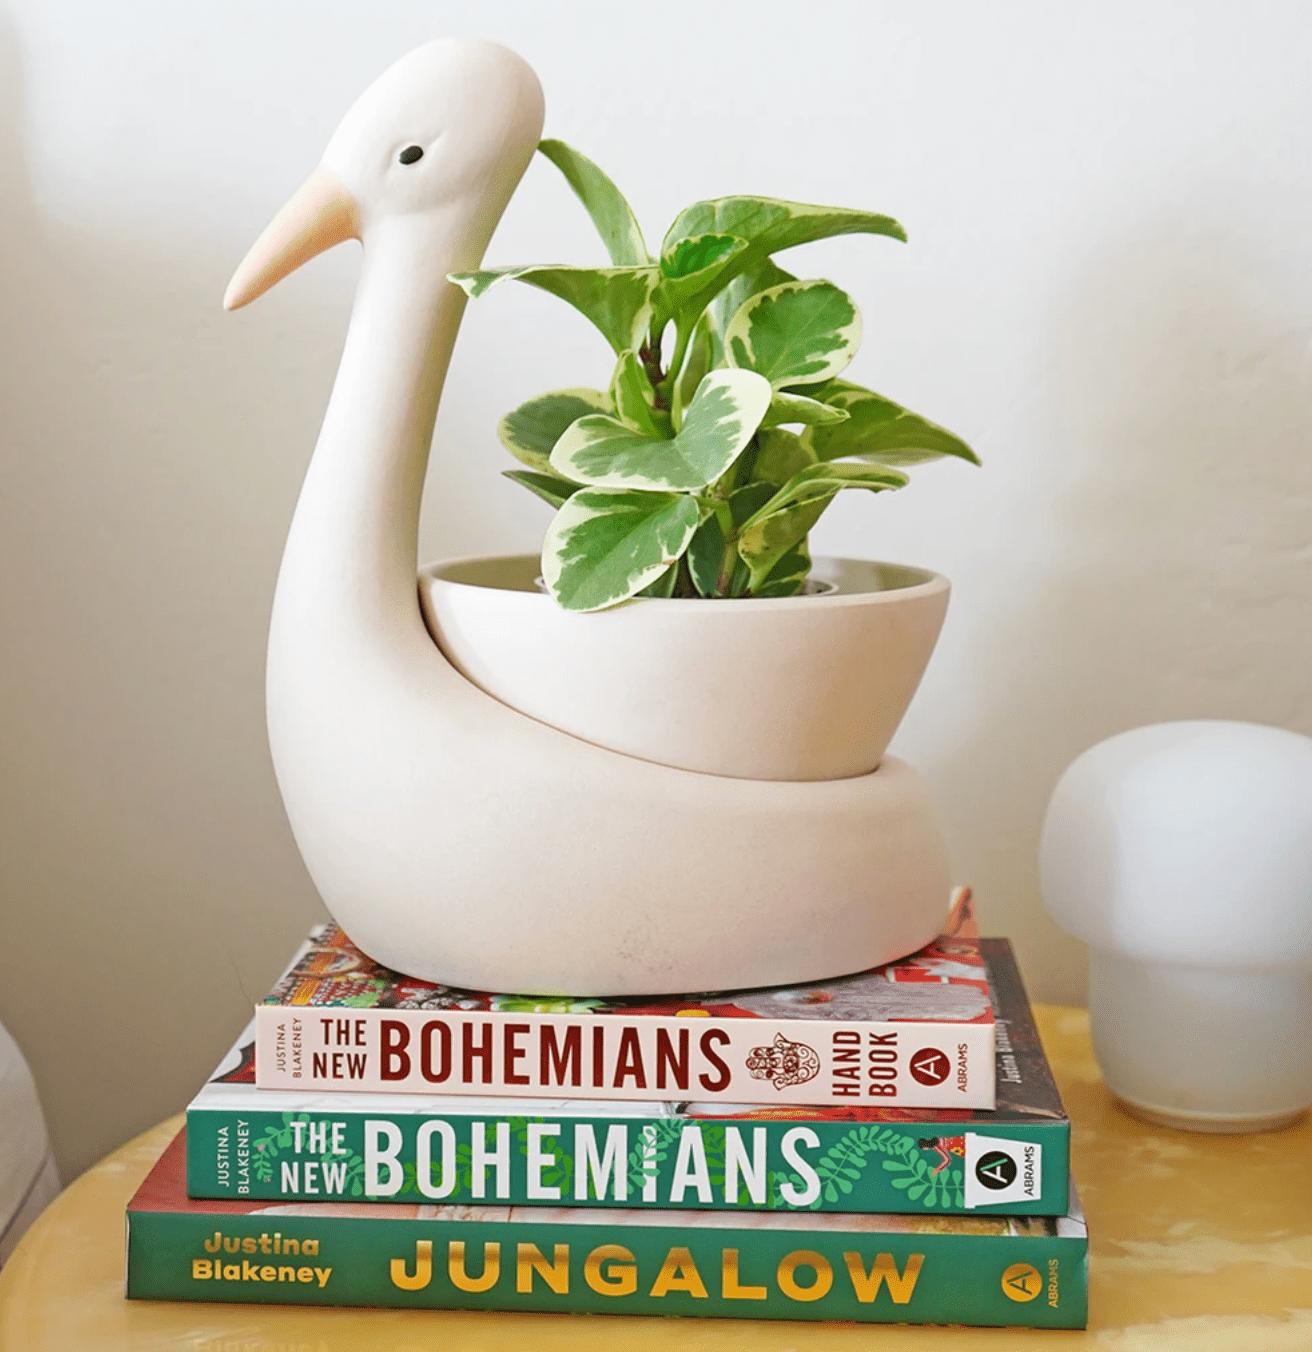 The Jungalow Egret Savannah Garden Pot